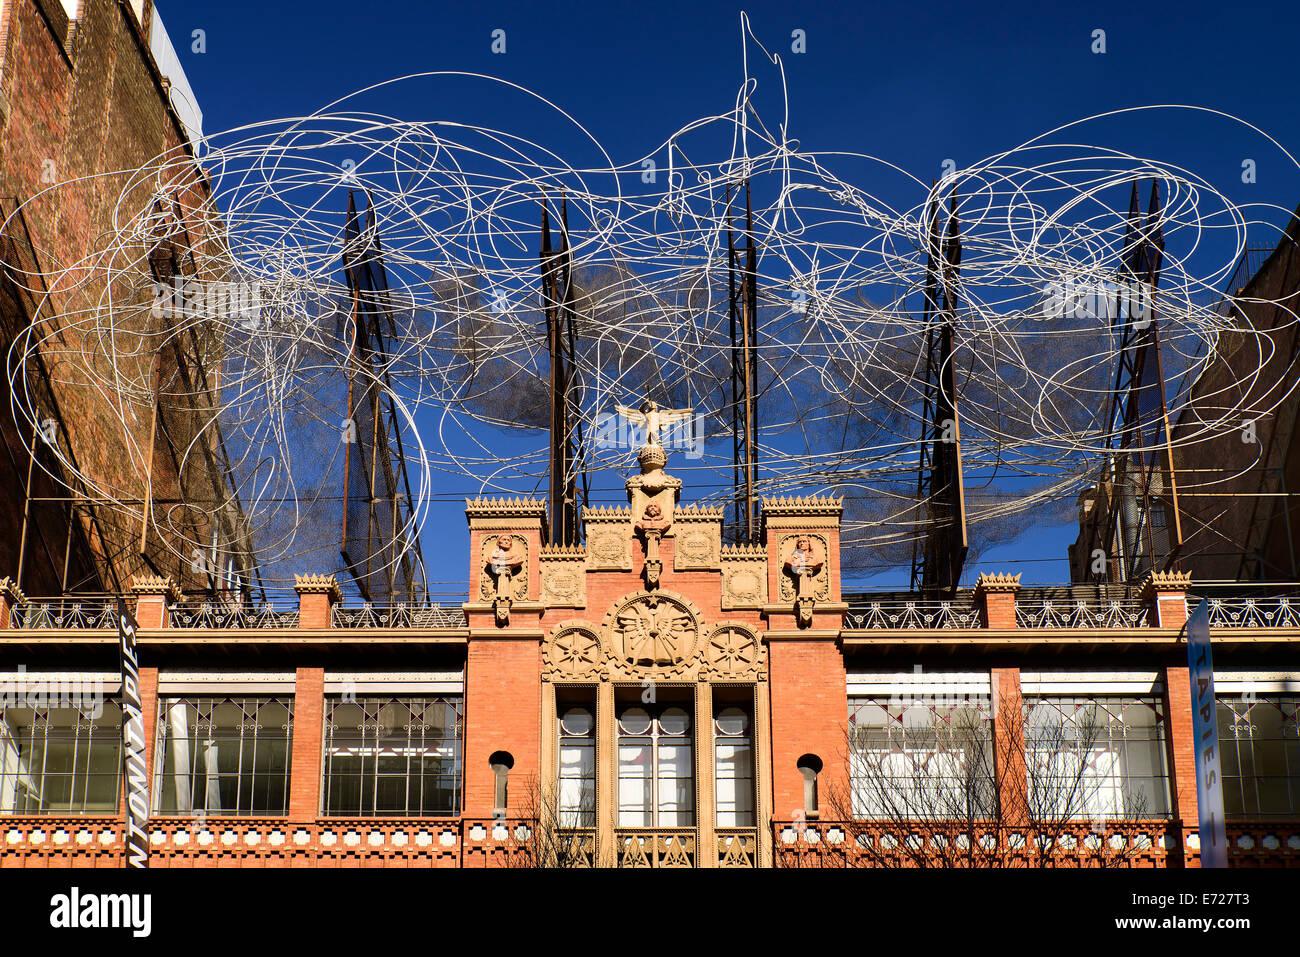 In Spagna, in Catalogna, Barcellona, facciata di Fundacio Antoni Tapies. Immagini Stock